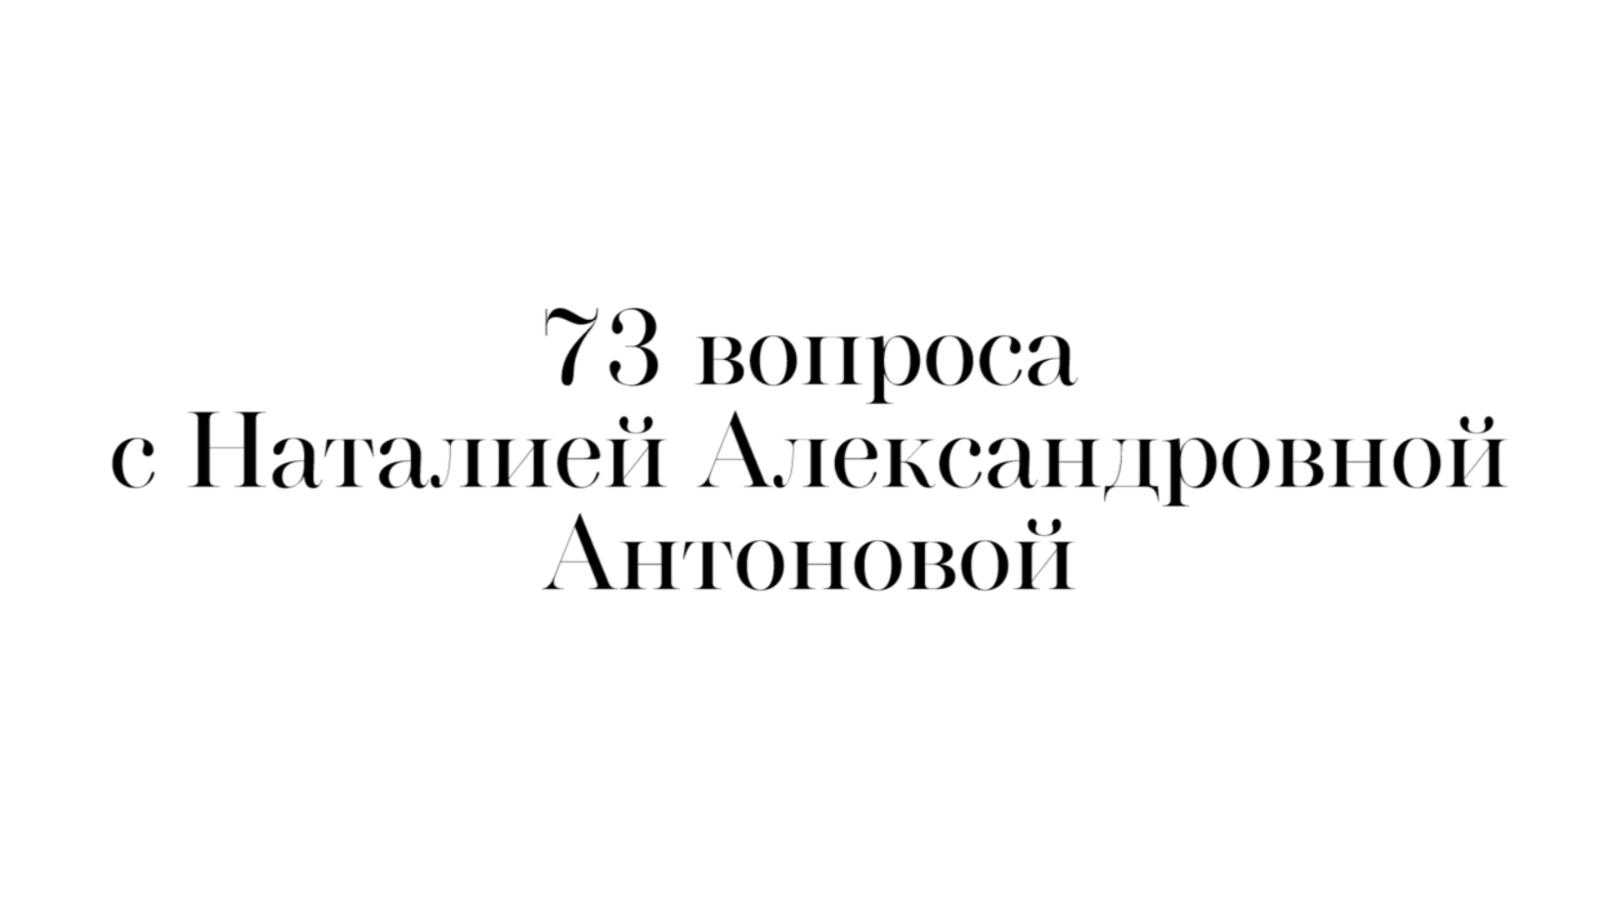 73 вопроса с Наталией Александровной Антоновой